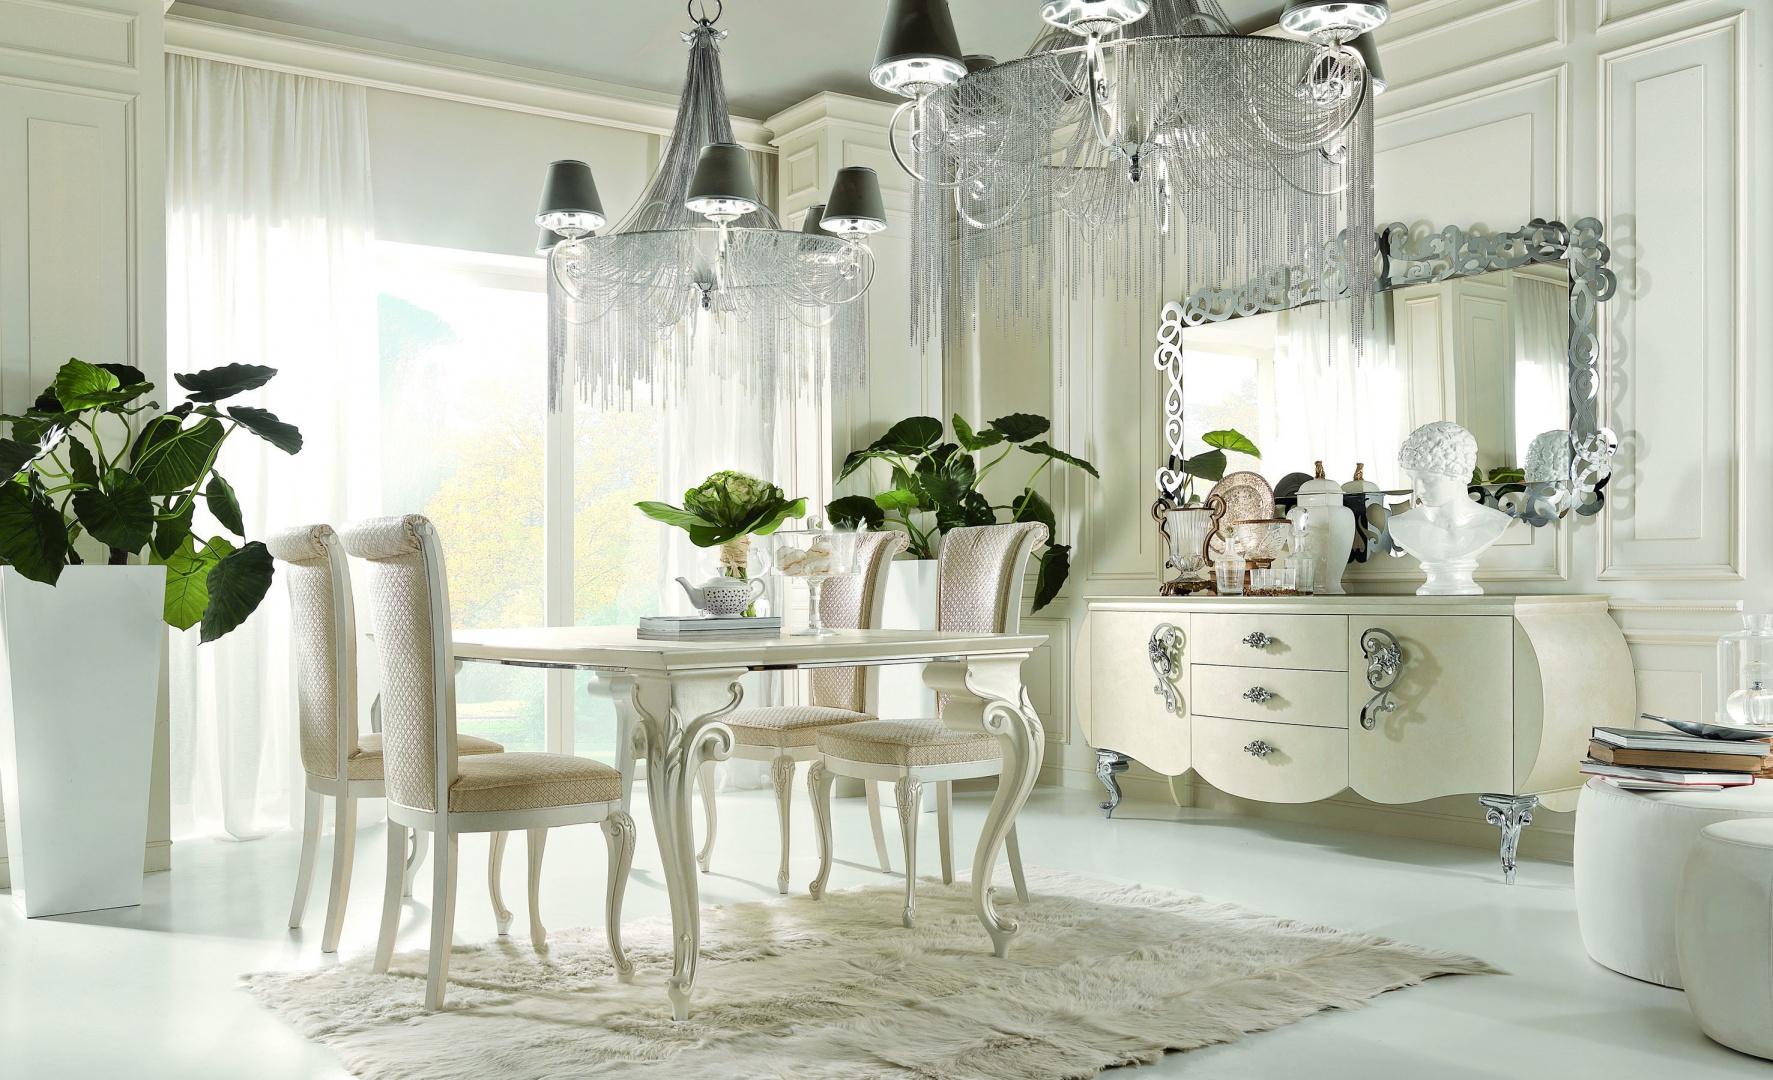 To propozycja zestawu mebli do jadalni od firmy Bova. Stół z kolekcji Carol, komoda z kolekcji Vinci, tapicerowane krzesła z kolekcji Alice. Perłowy kolor mebli w zestawie ze srebrem prezentuje się wytwornie i z klasą.